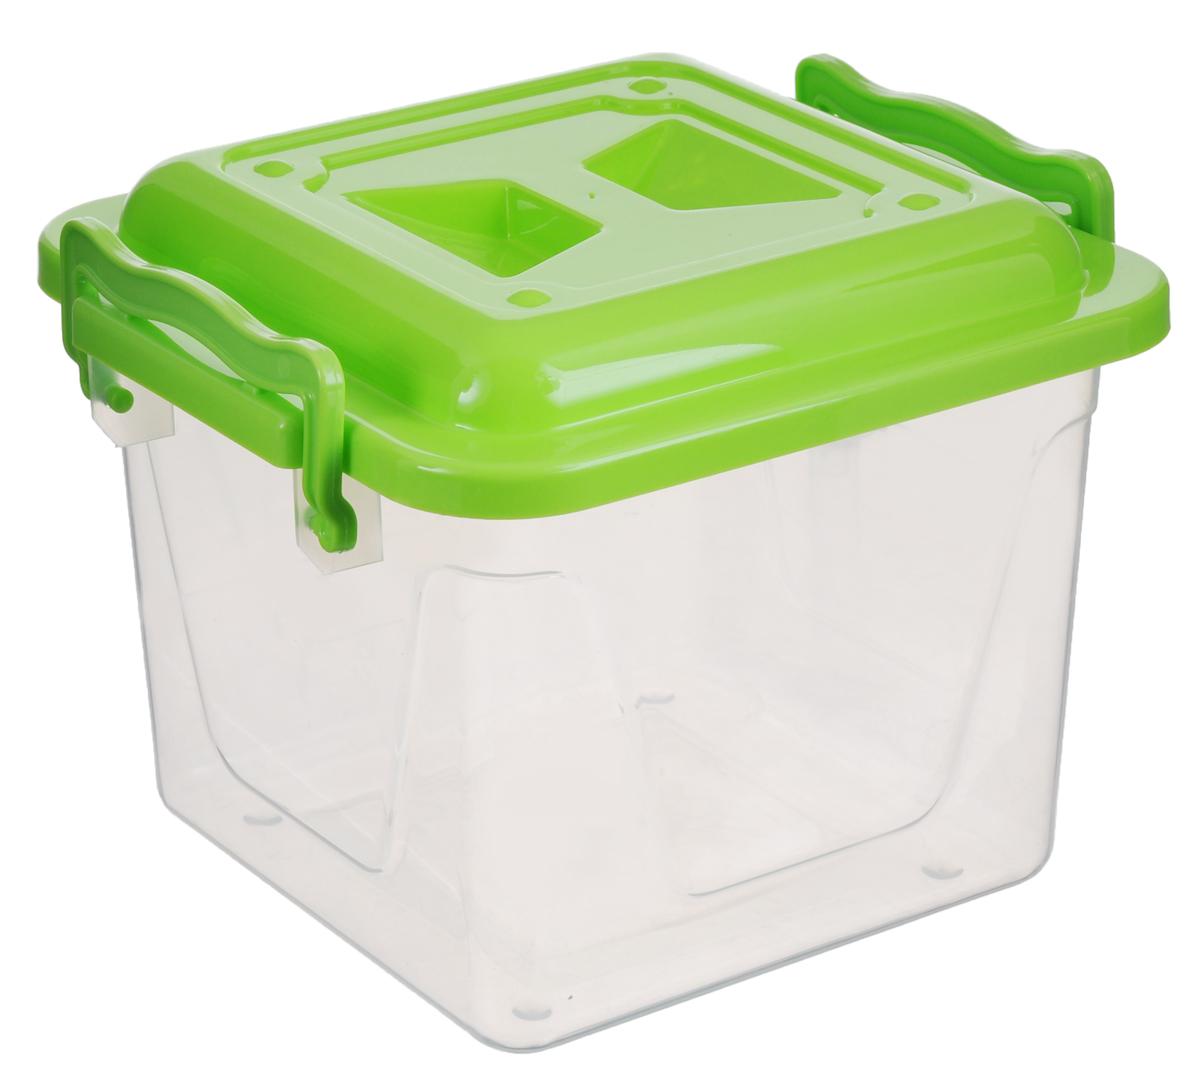 Контейнер Альтернатива, цвет: салатовый, прозрачный, 4 лМ1021_салатовый, прозрачныйКвадратный контейнер Альтернатива, выполненный из прочного пластика, предназначен для хранения различных бытовых вещей и продуктов. Он оснащен по бокам ручками, которые плотно закрывают крышку контейнера.Контейнер Альтернатива поможет хранить все в одном месте, а также защитит вещи от пыли, грязи и влаги.